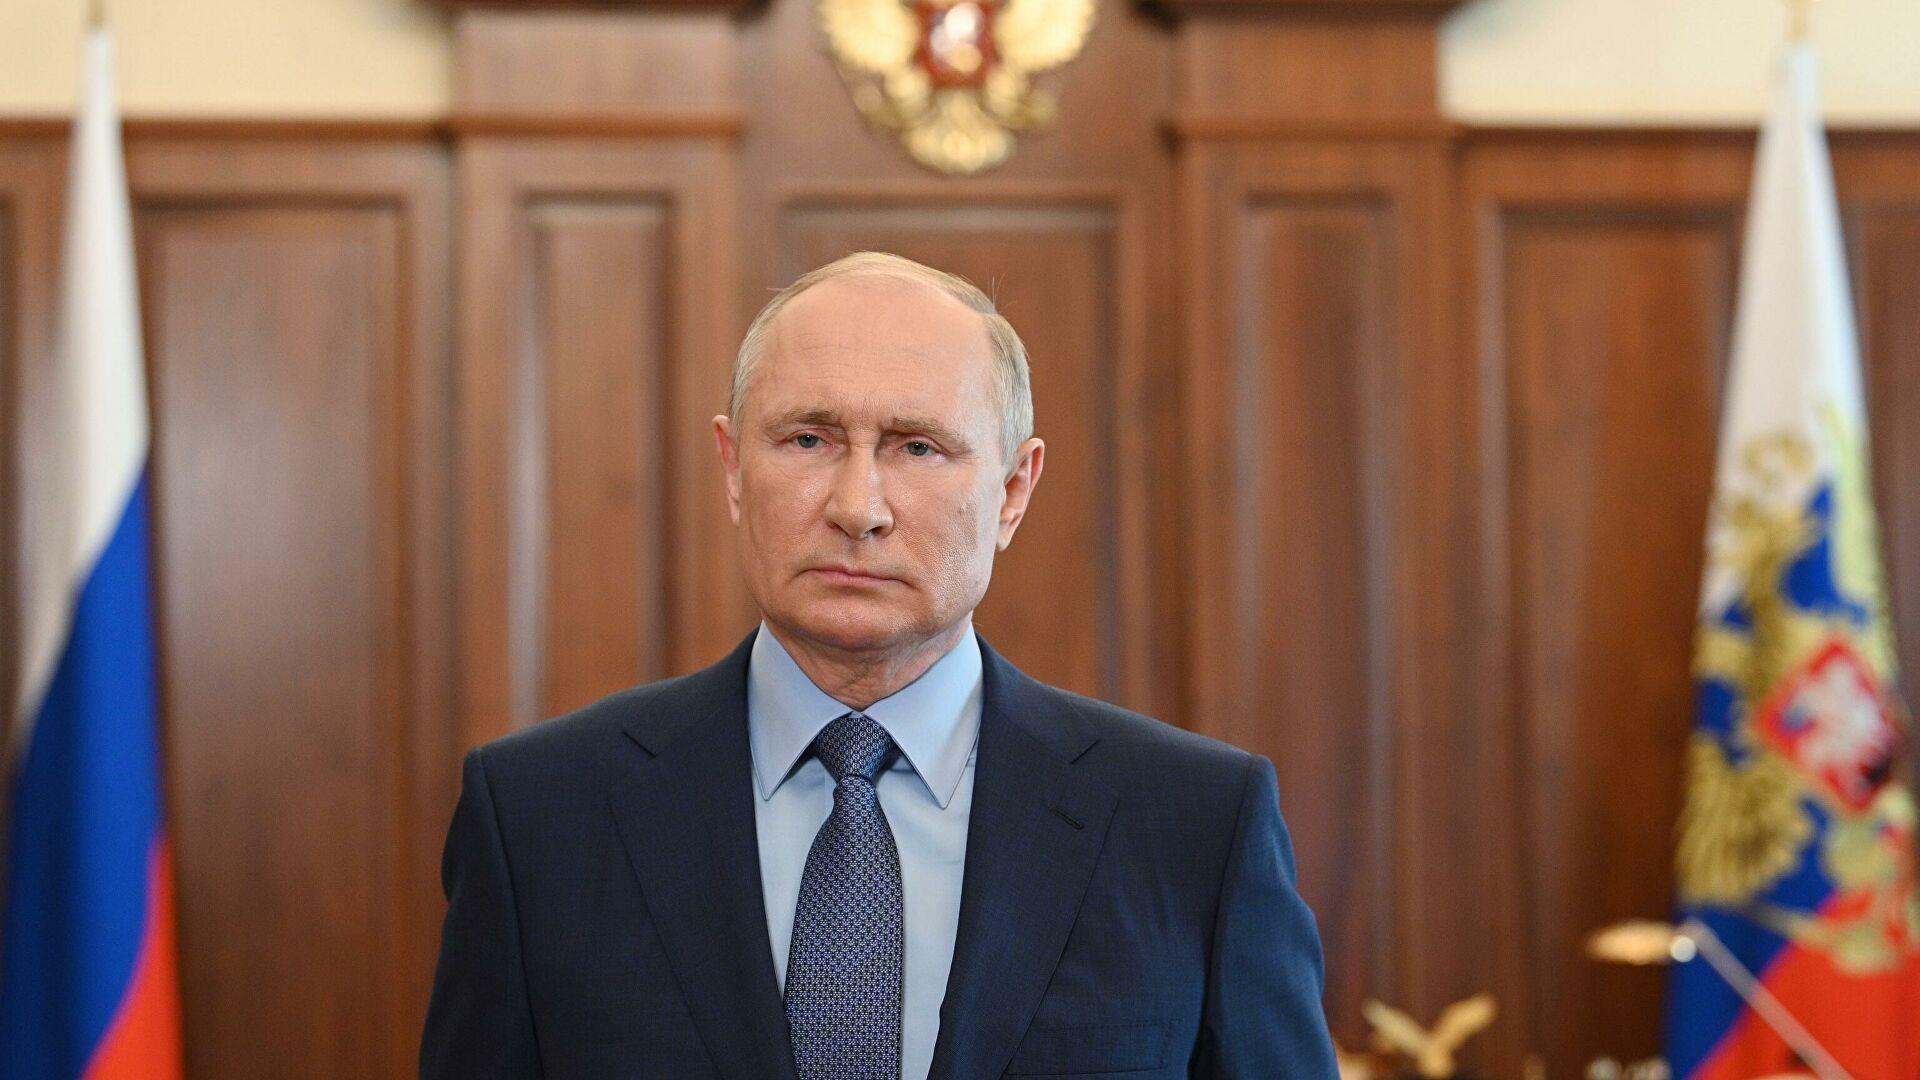 Ауторски чланак председника Путина поводом почетка Великог отаџбинског рата: Будимо отворени упркос прошлости